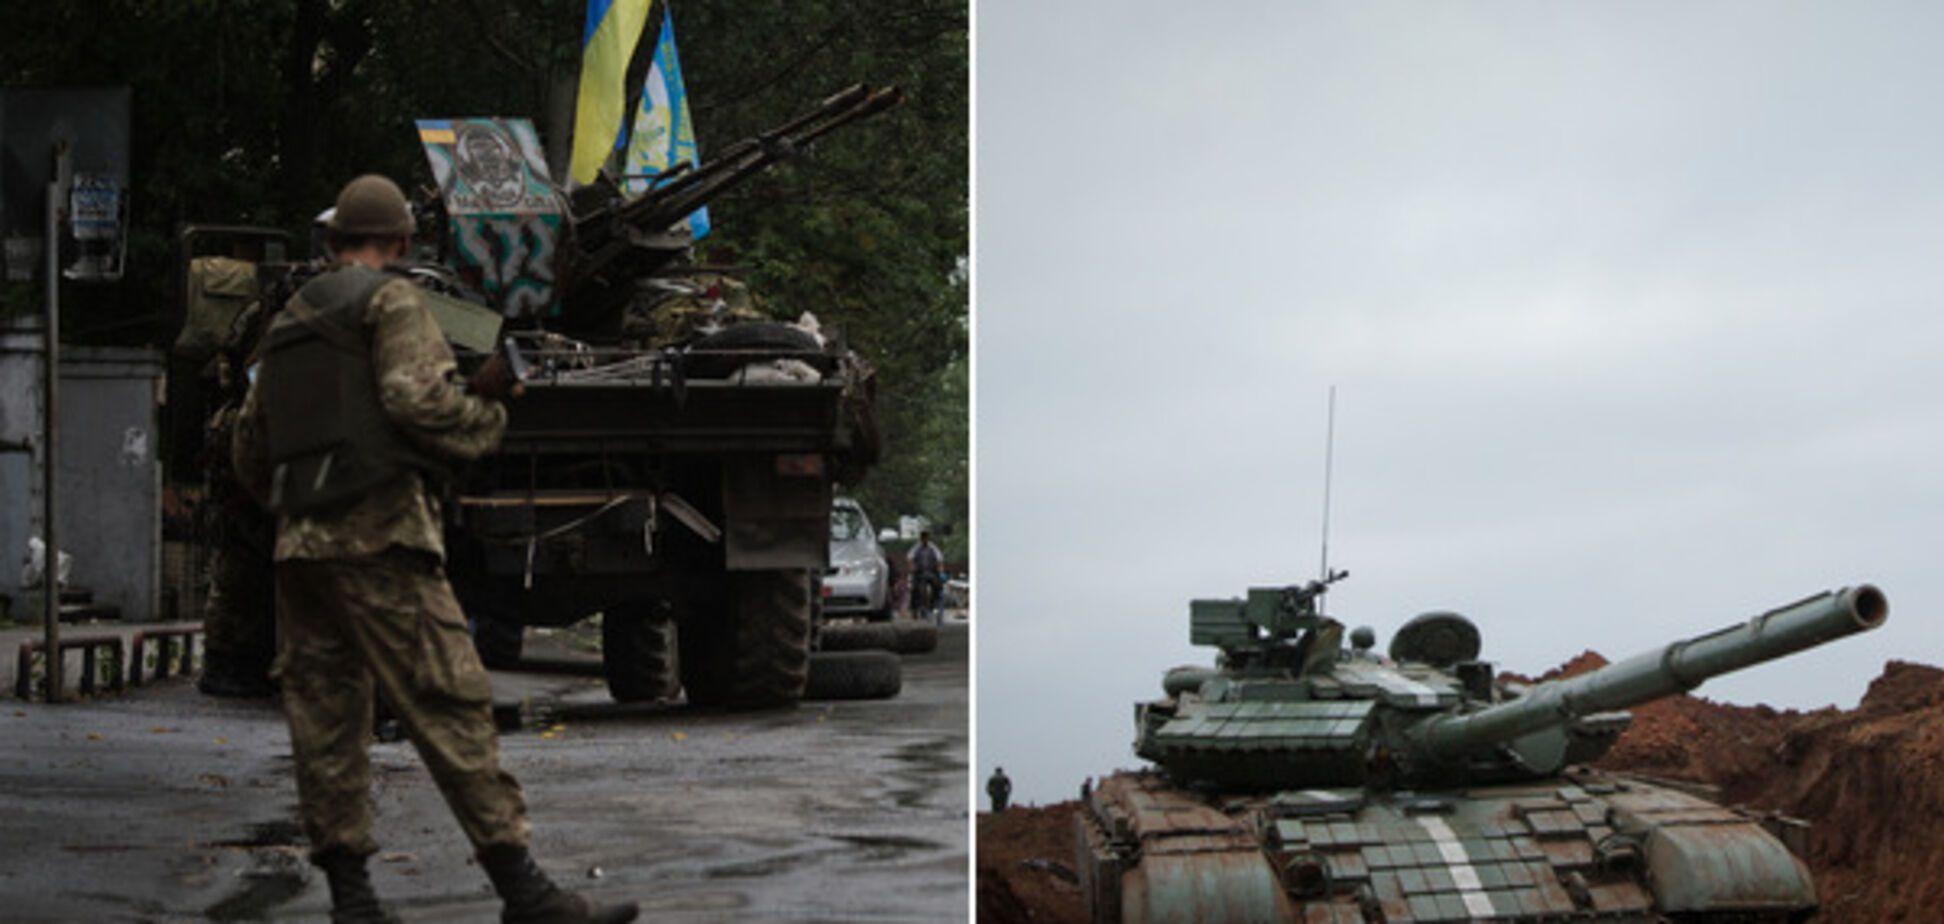 АТО більше немає: що зміниться на Донбасі